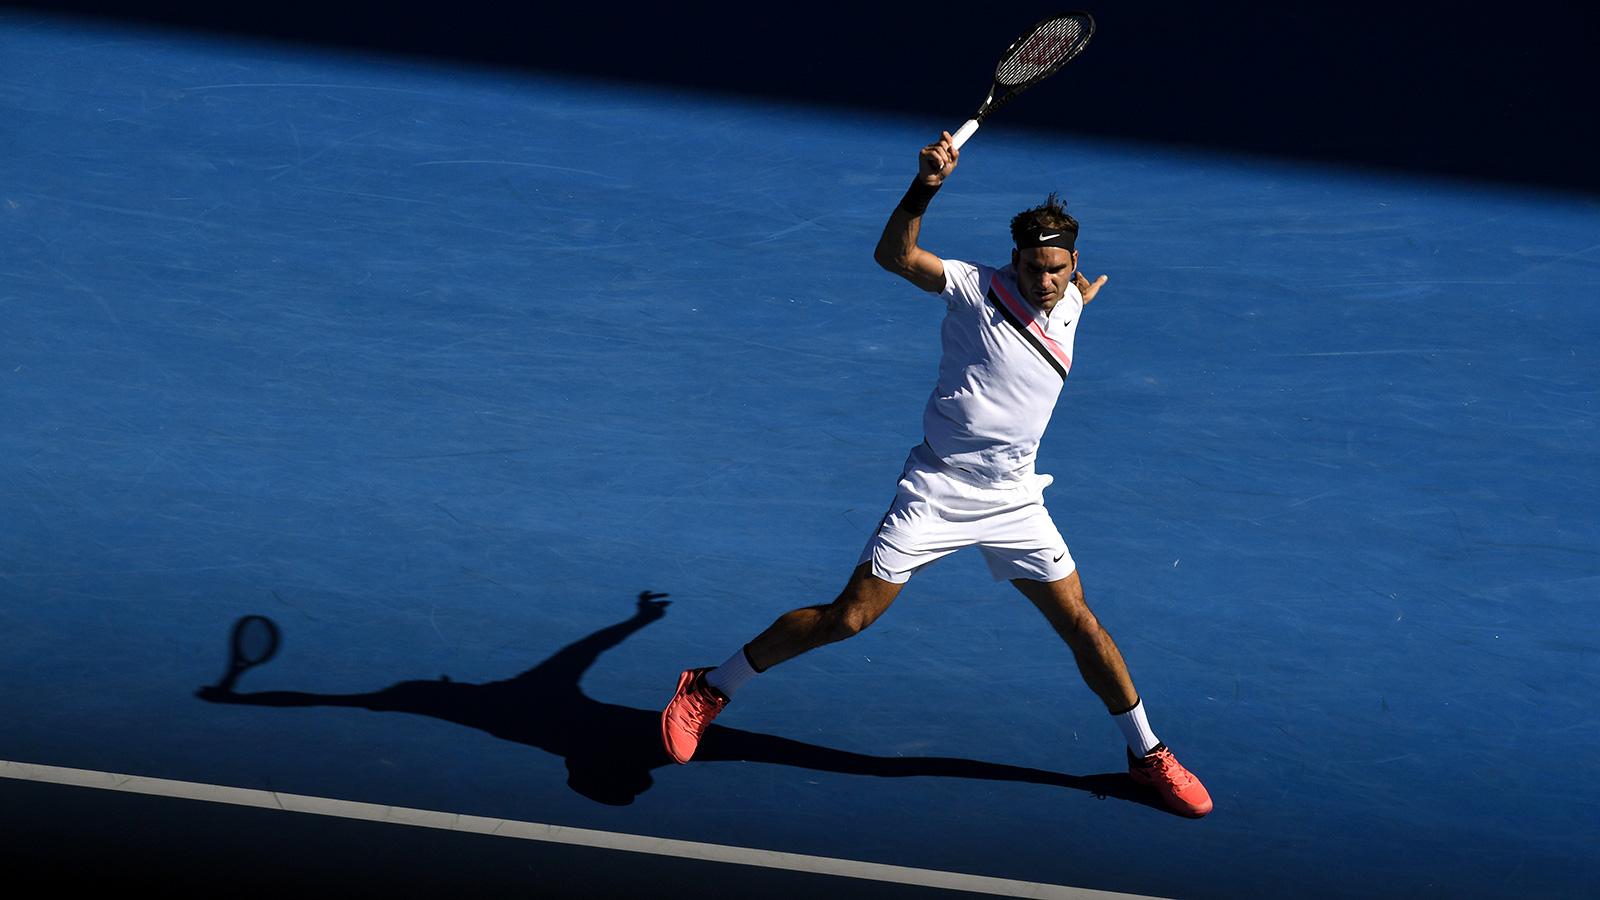 Roger Federer 2018 Australian Open - Federer Advances to 52nd Grand Slam Quarterfinal